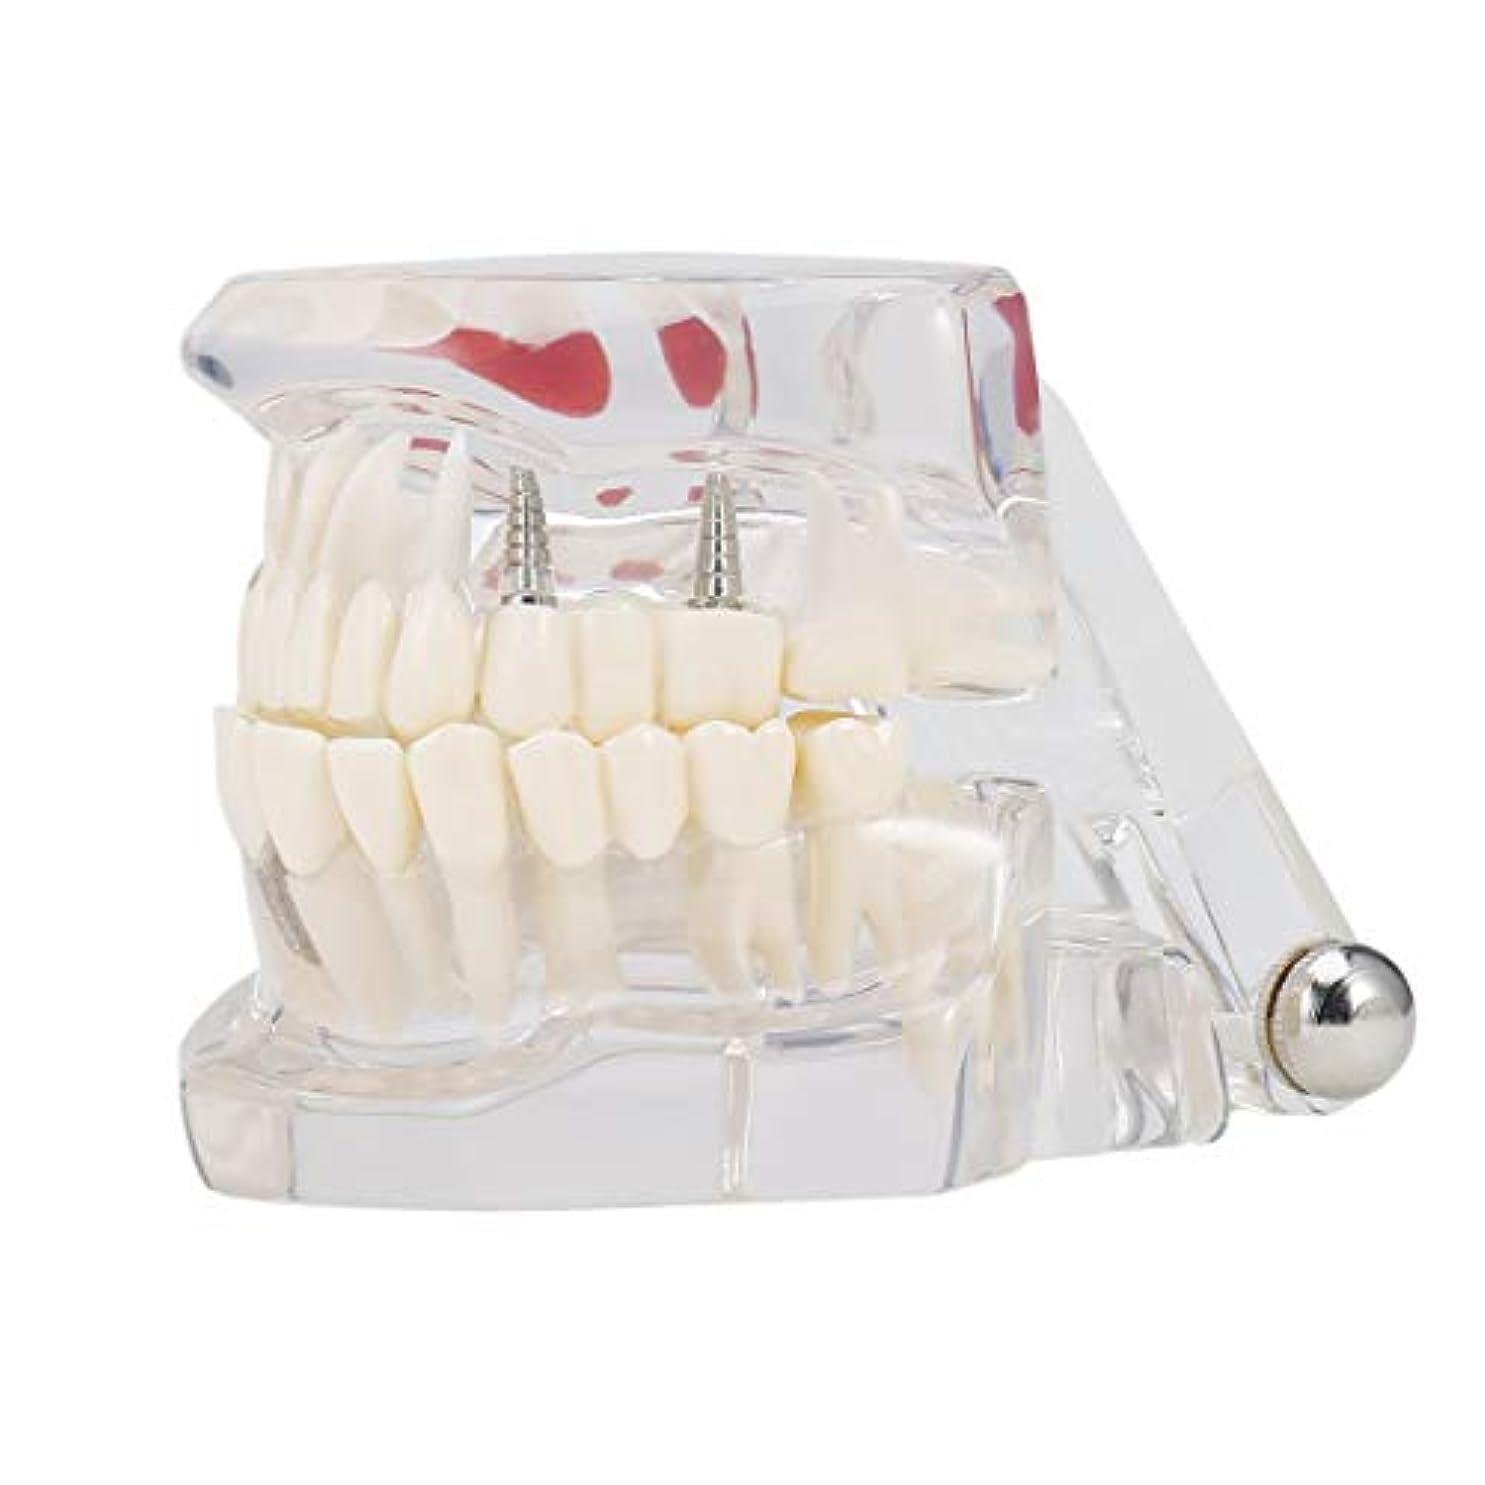 羊なぞらえる必要とする専門の取り外し可能な偽の歯の歯の病気のモルデルの歯科インプラント回復表示医院の病院の教育使用 (色:黒)(Rustle666)